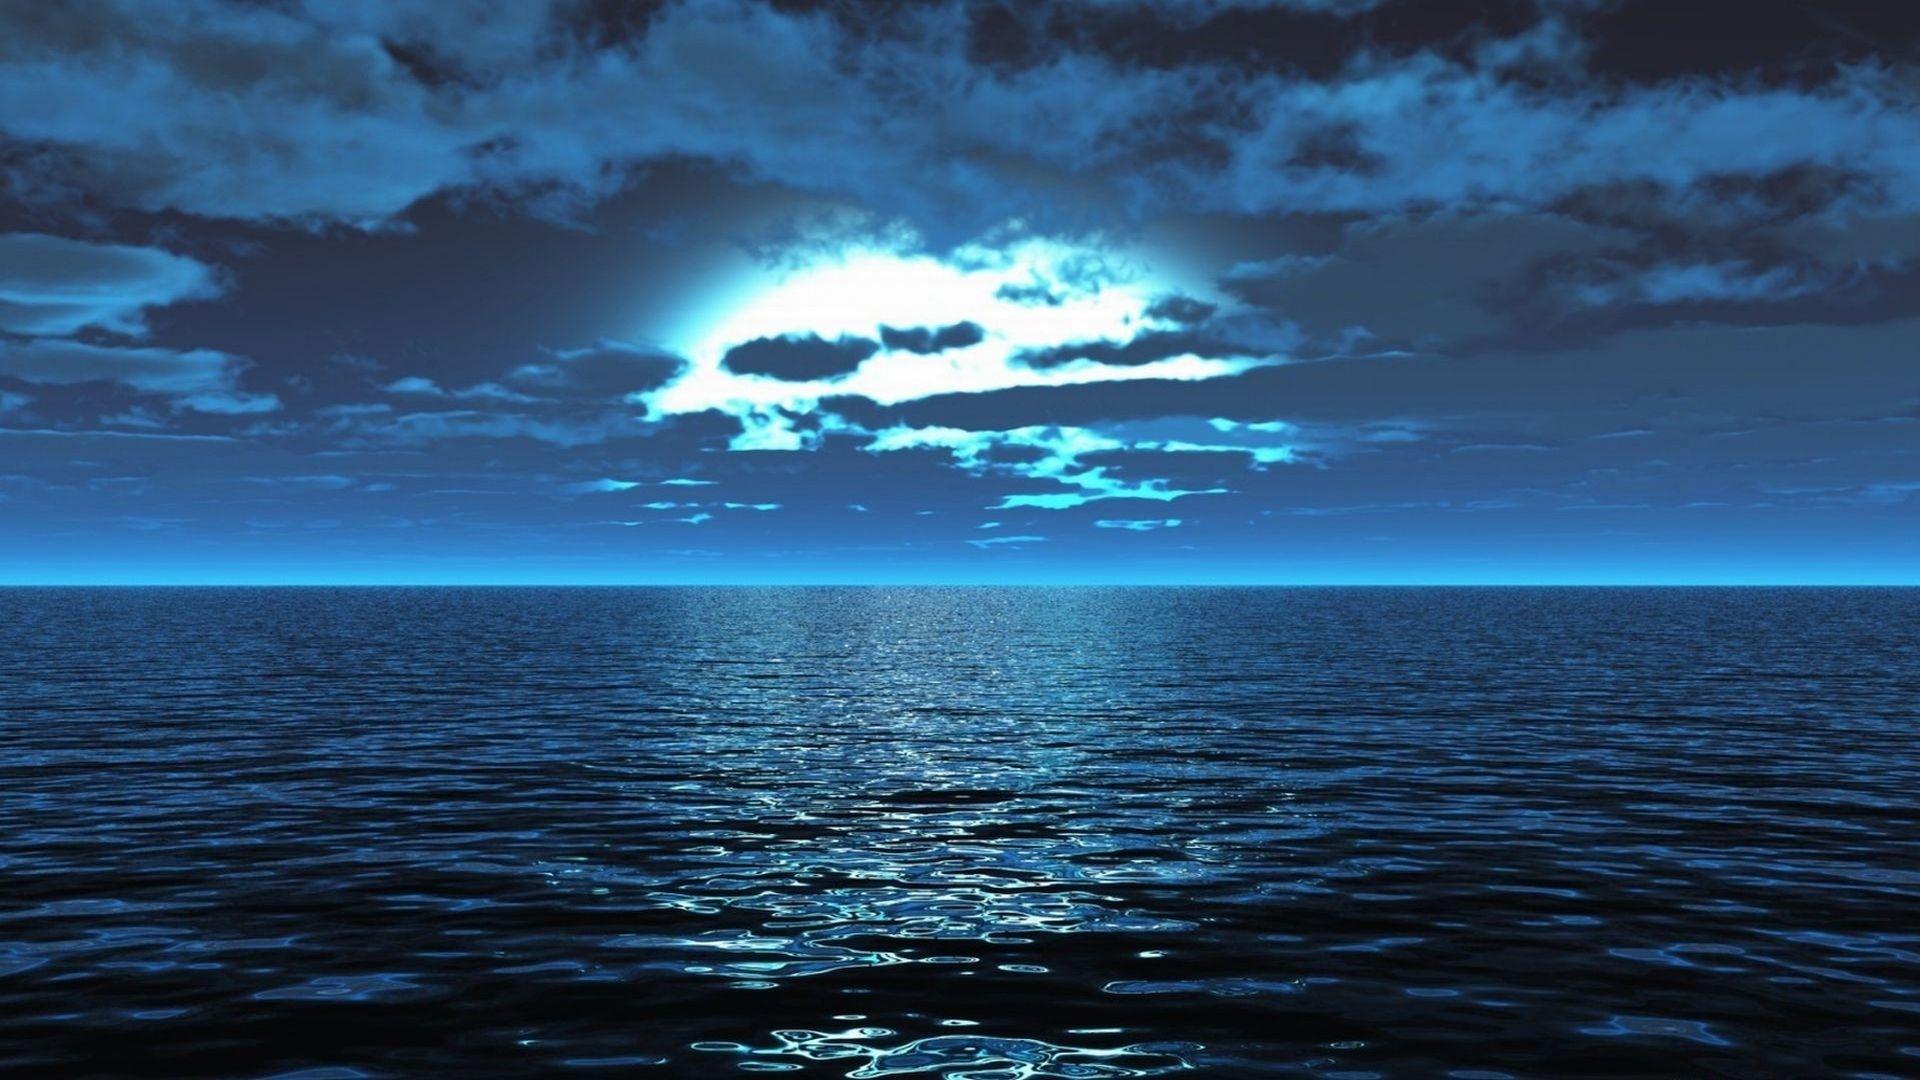 بالصور اجمل صور للبحر في الليل 20160701 1713